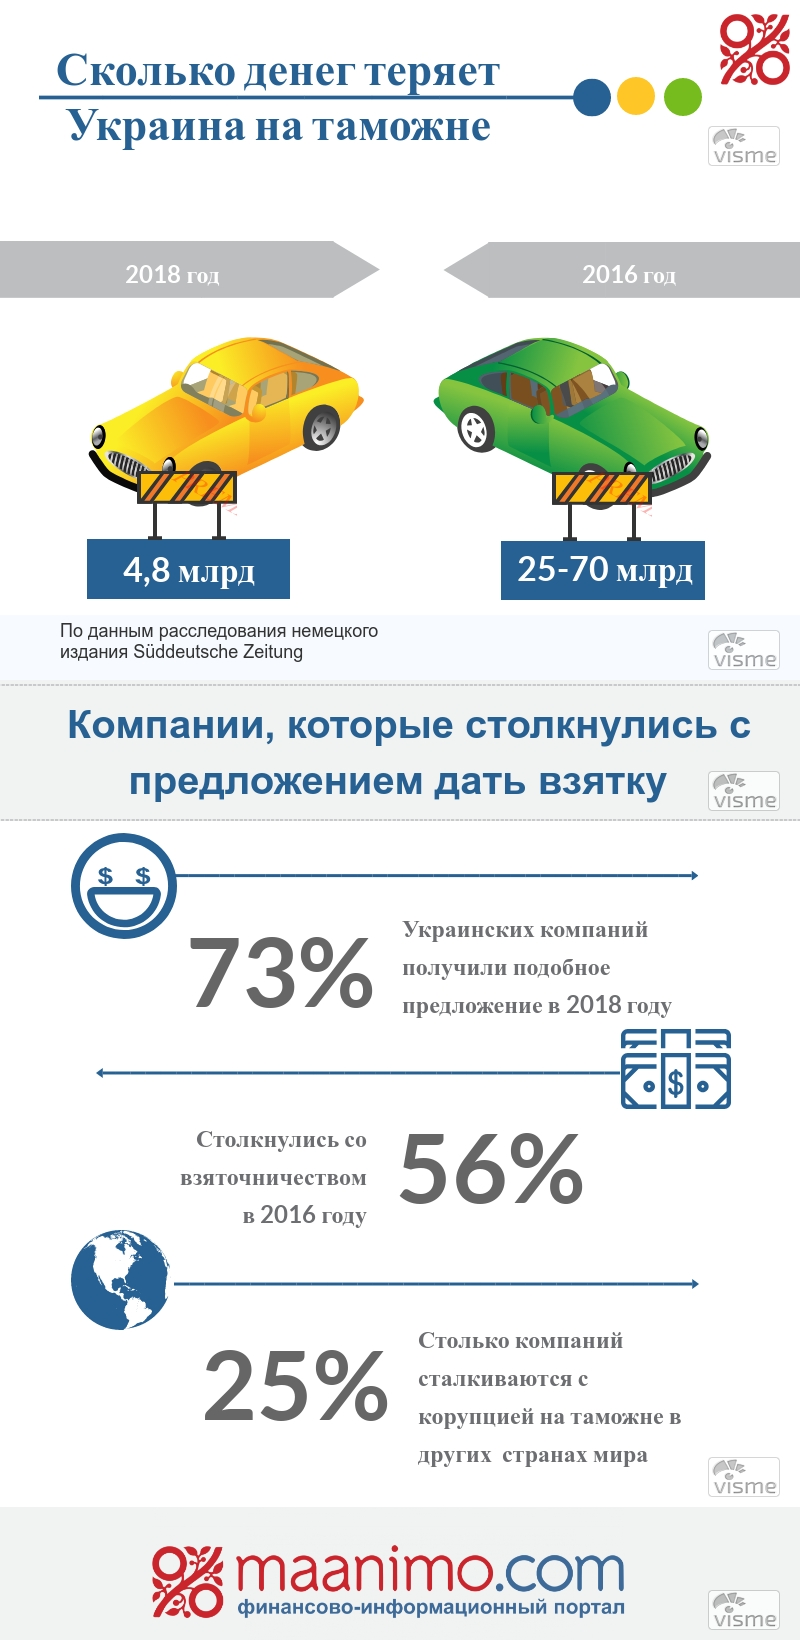 таможня_инфографика